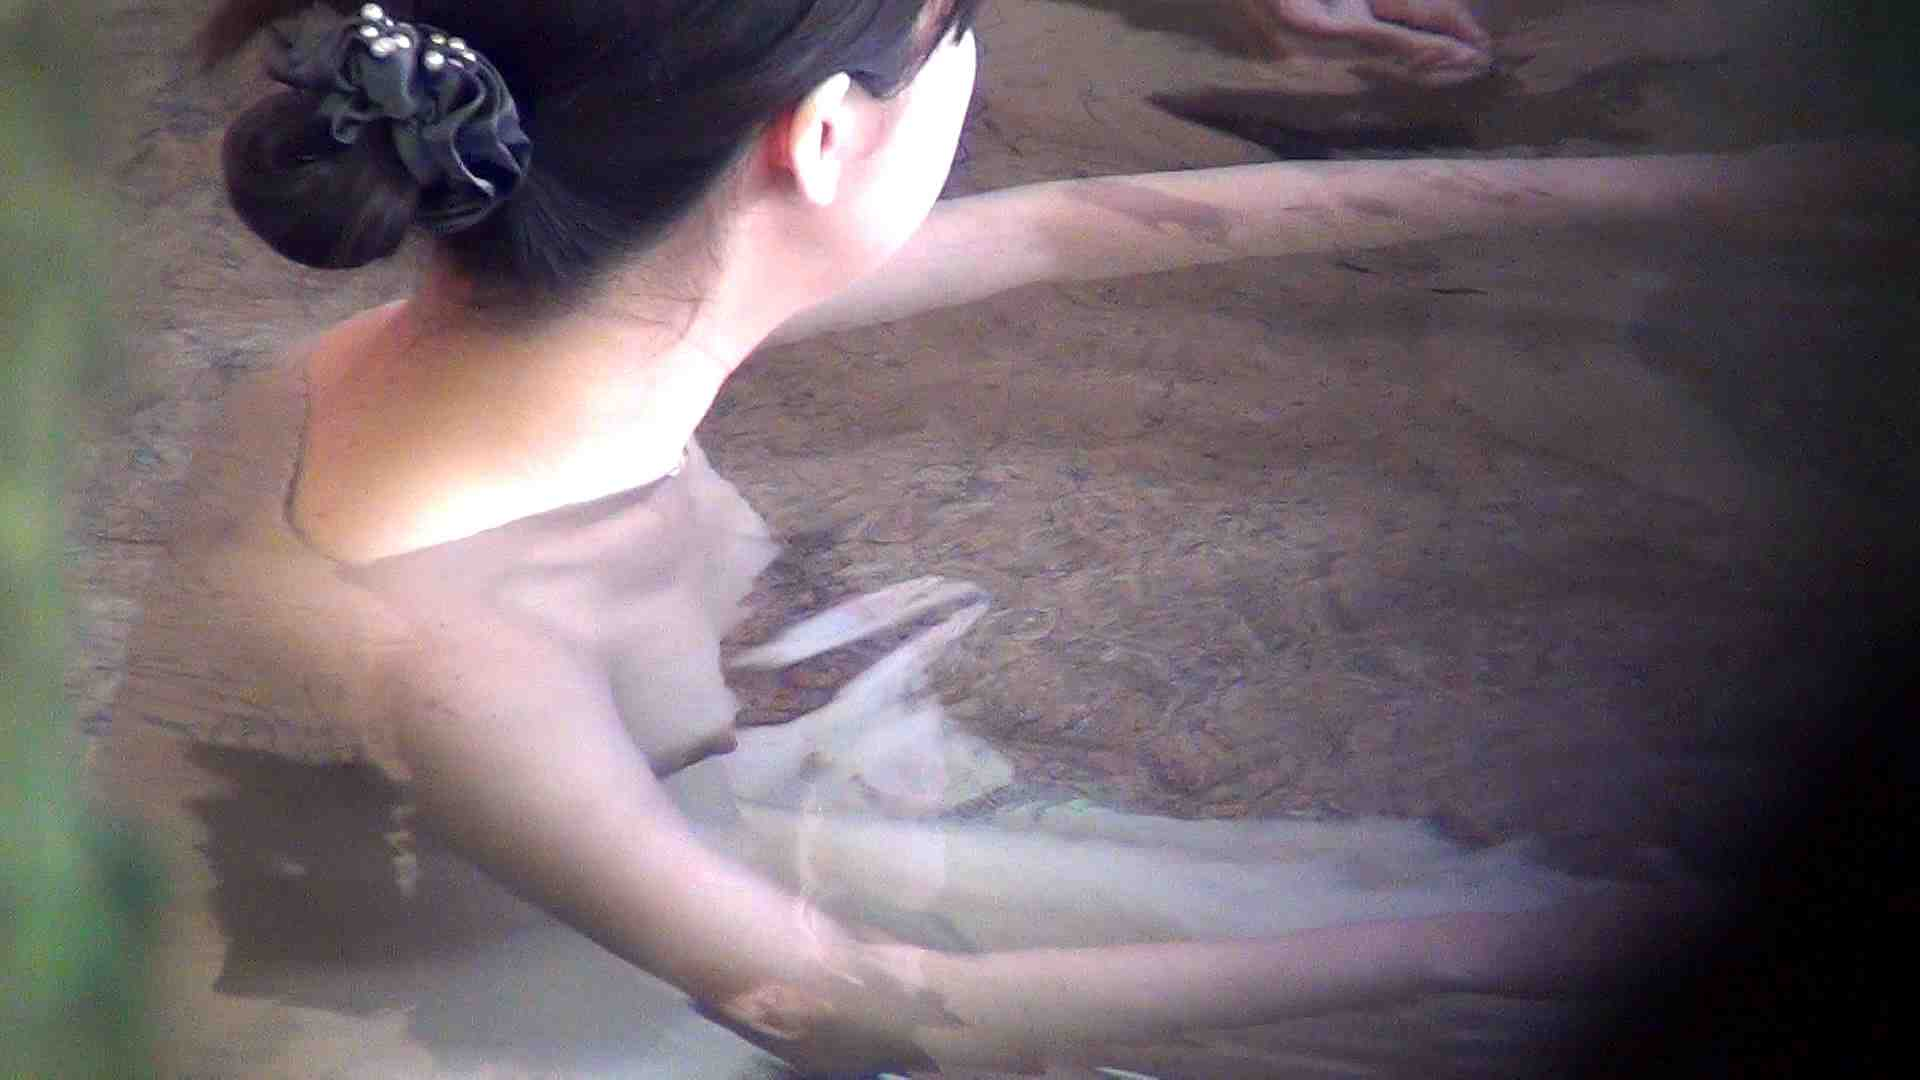 Aquaな露天風呂Vol.285 OLすけべ画像 SEX無修正画像 97連発 86